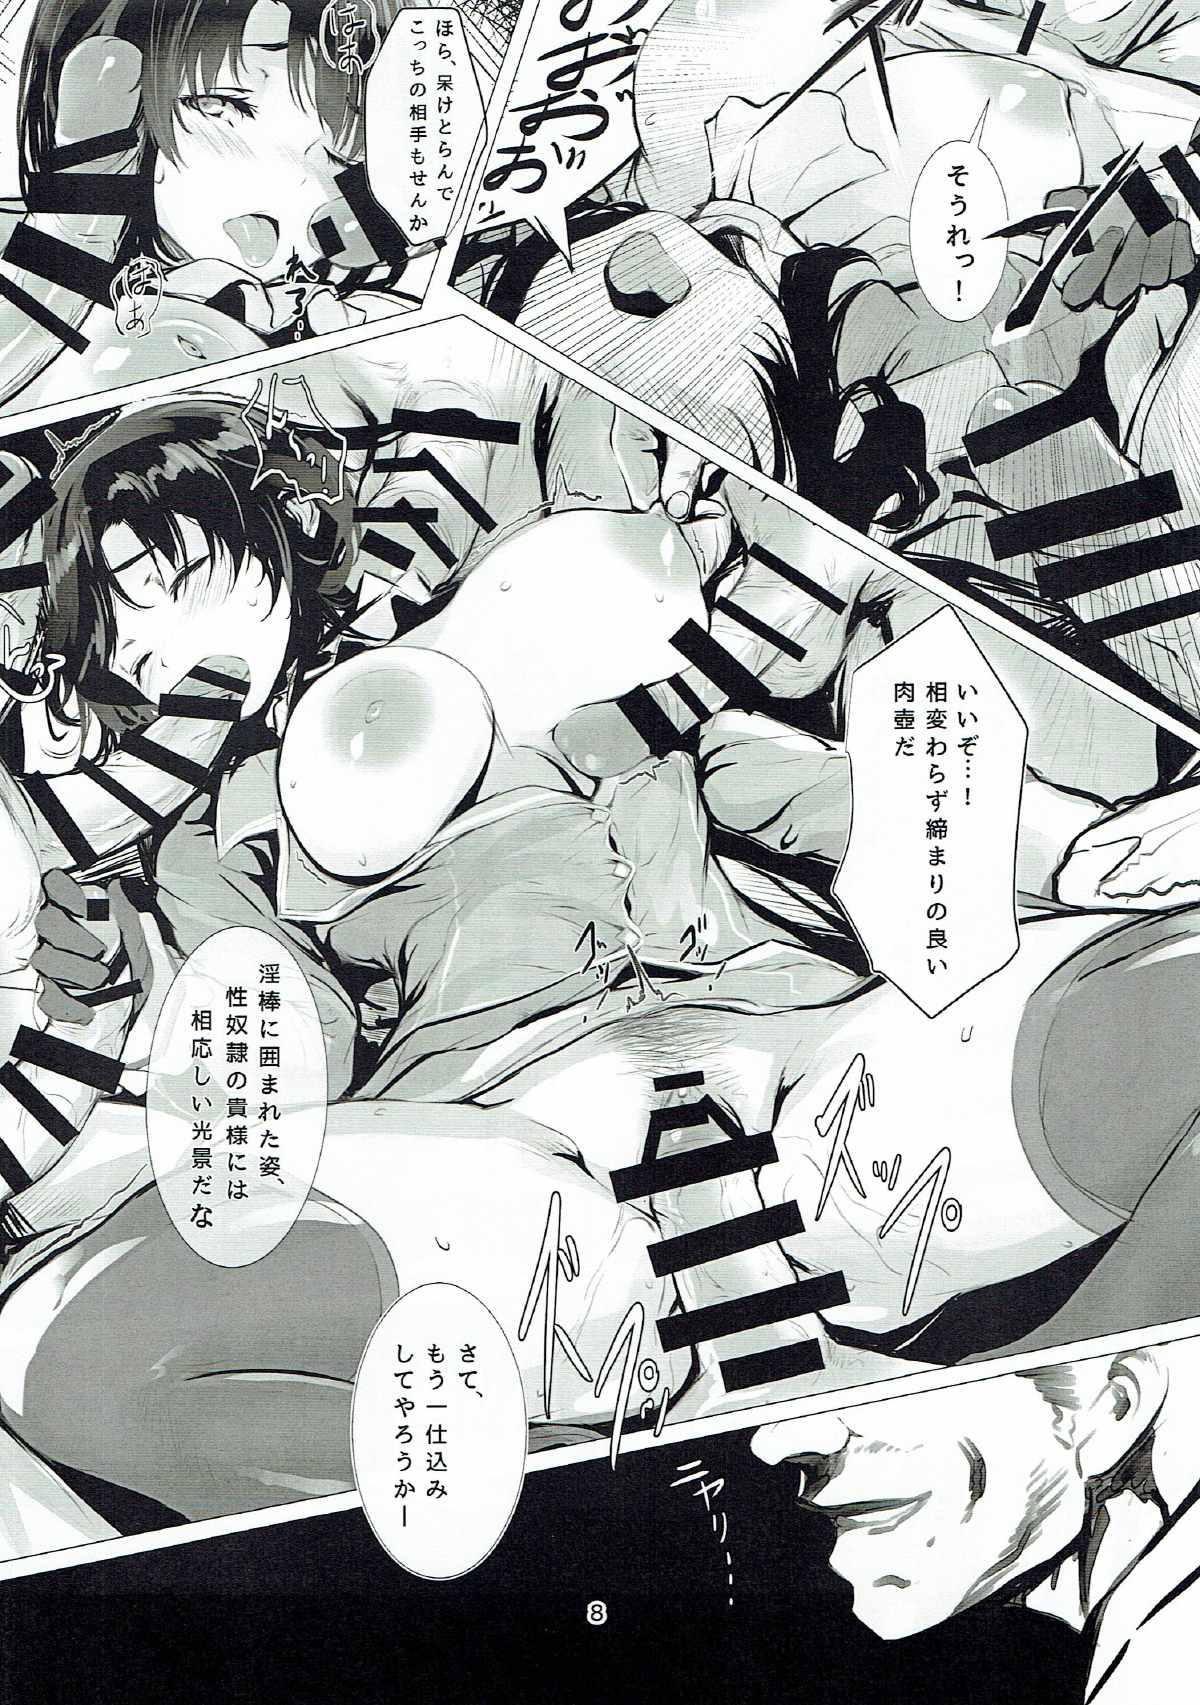 【エロ漫画】上司と不純働くとか淫乱な部下はたっぷりデカマラでお仕置きしないとな・・・これ逆にうれしいのでは?